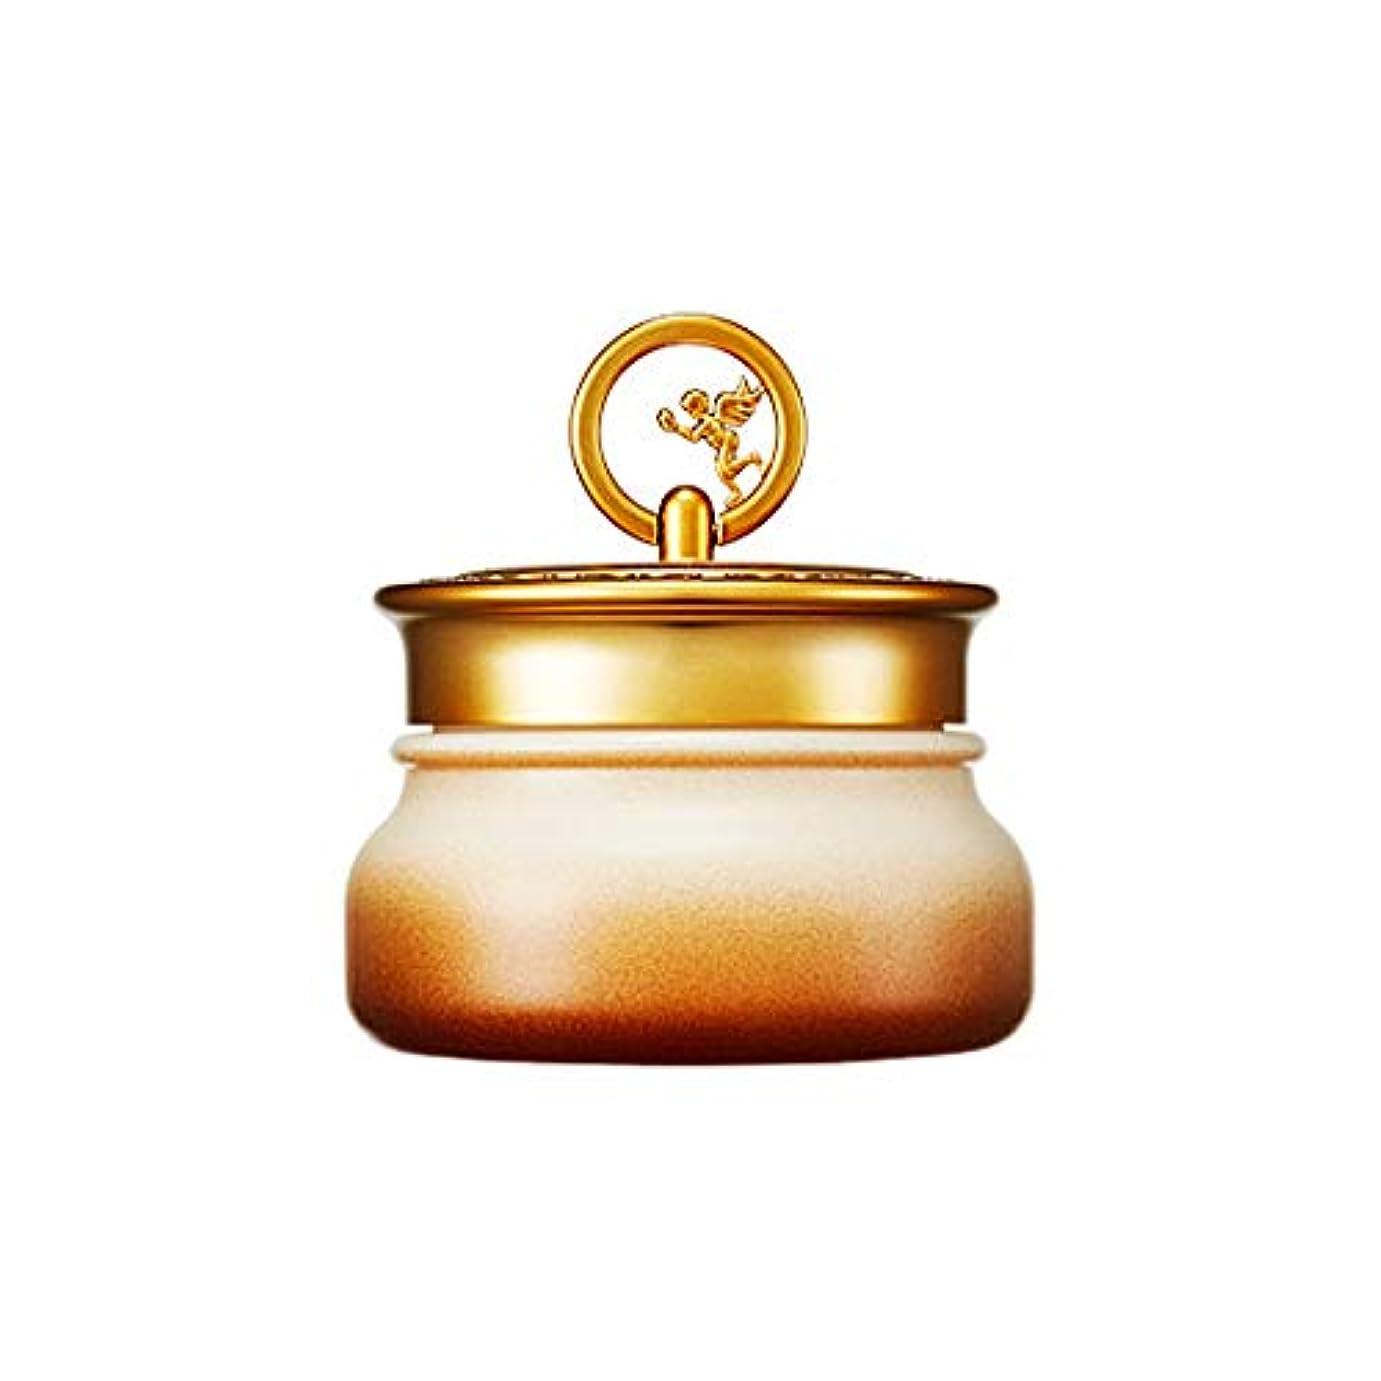 裏切りサーフィン暖かくSkinfood ゴールドキャビアクリーム(しわケア) / Gold Caviar Cream (wrinkle care) 45g [並行輸入品]